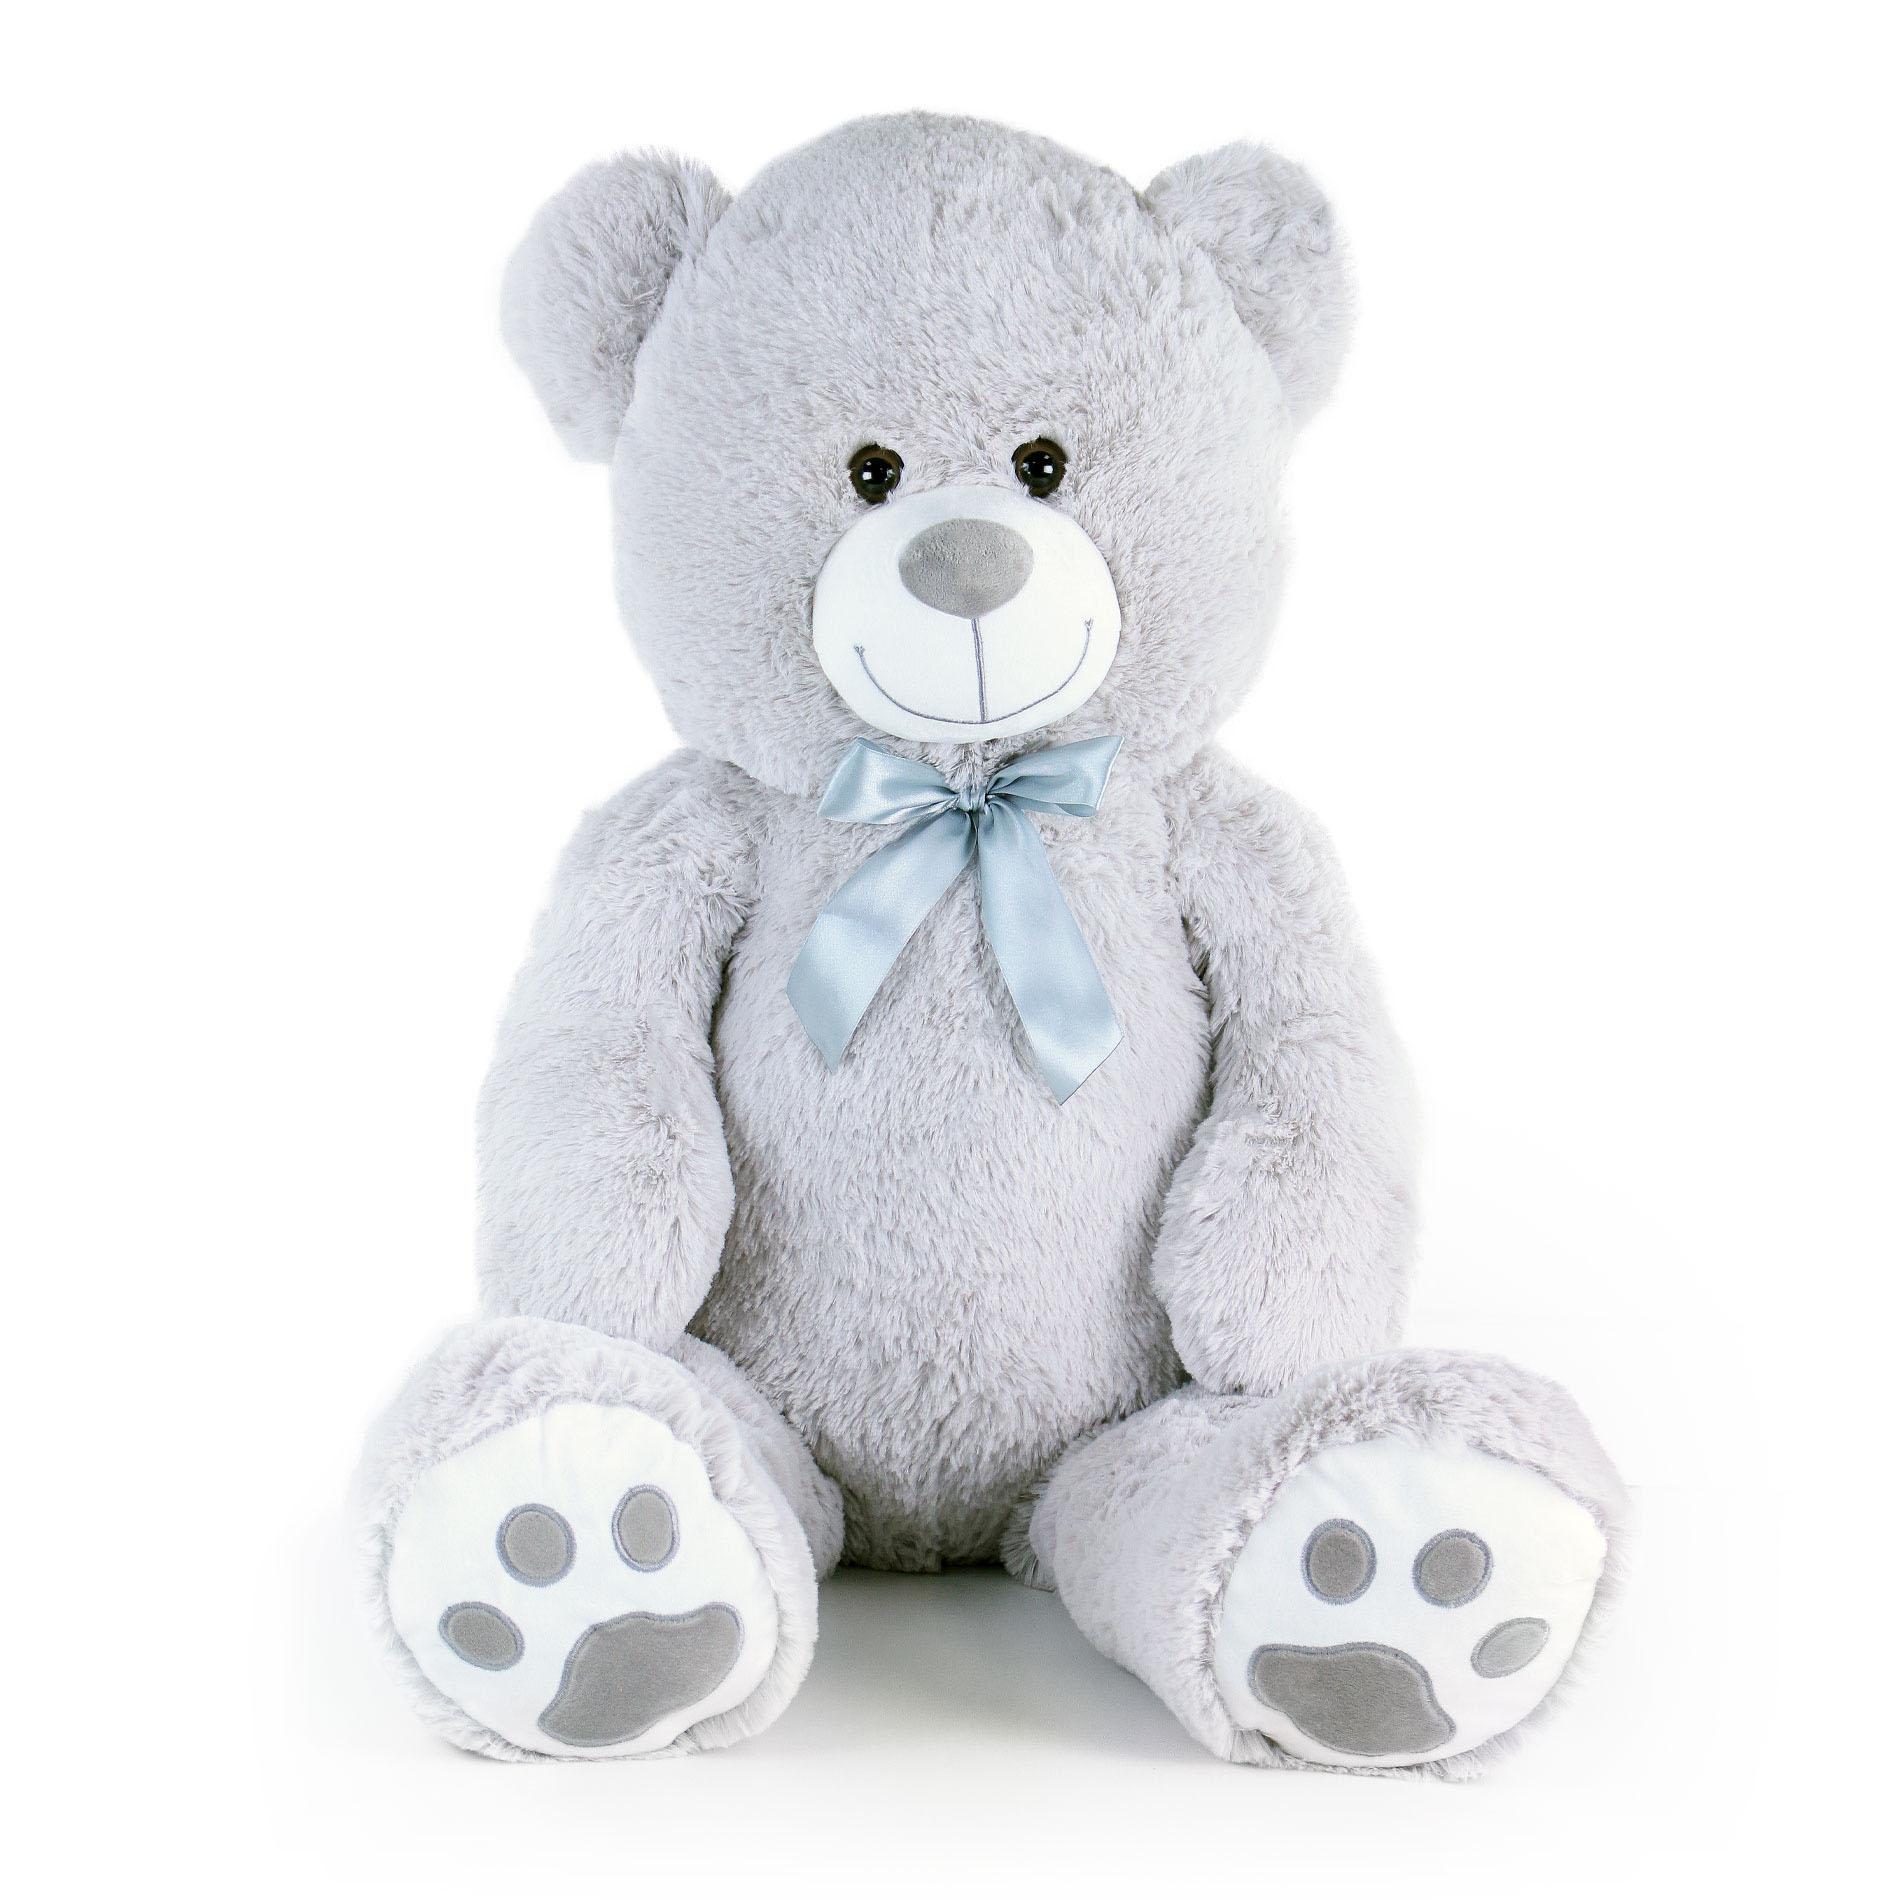 Velký plyšový medvěd Bady s visačkou 100 cm